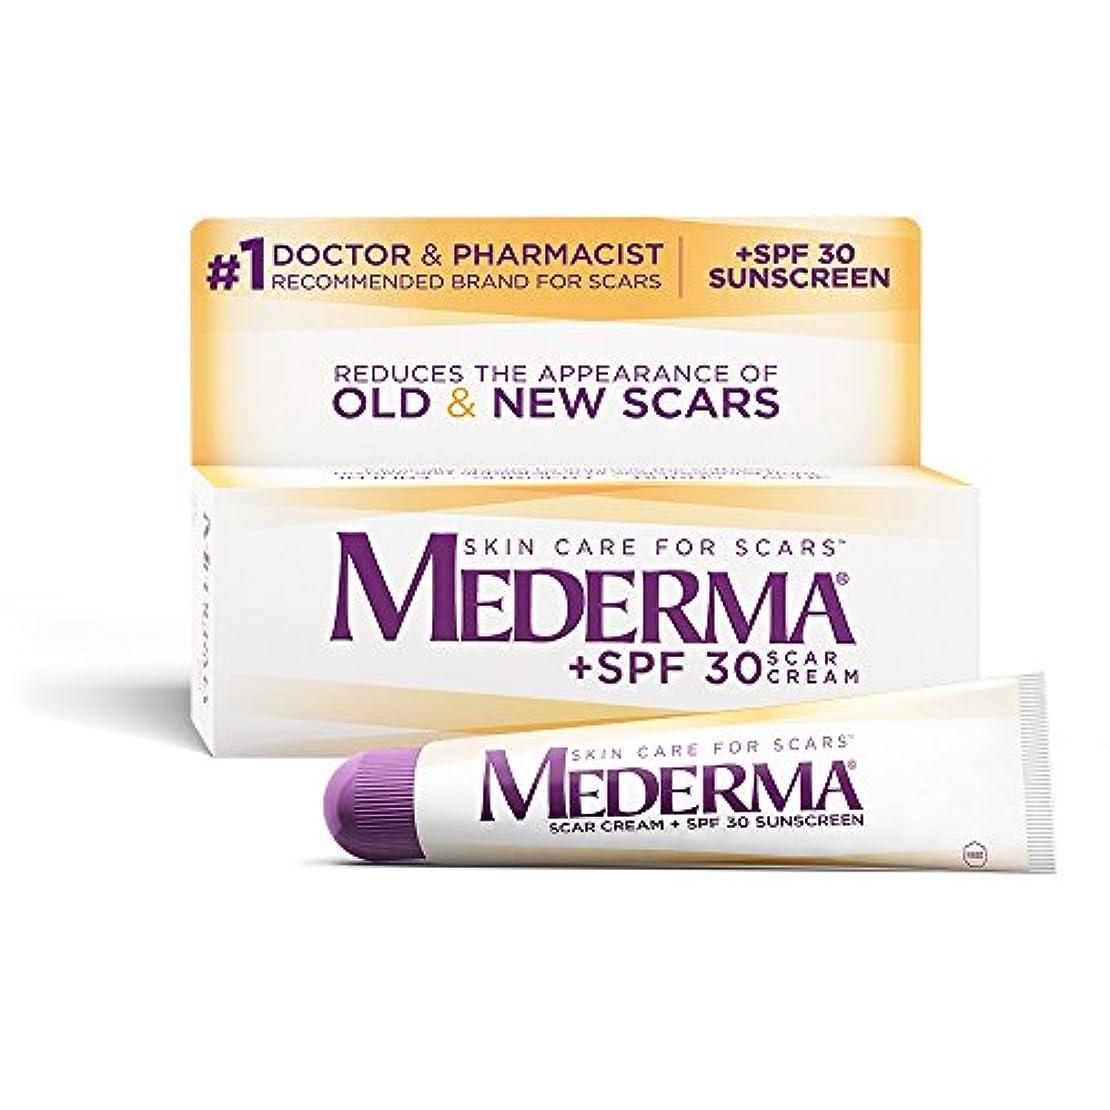 無効評価するほのめかすMederma 社 日焼け止め成分SPF30配合 メドロマ(メデルマ) 1本 20g Mederma Scar Cream Plus SPF 30